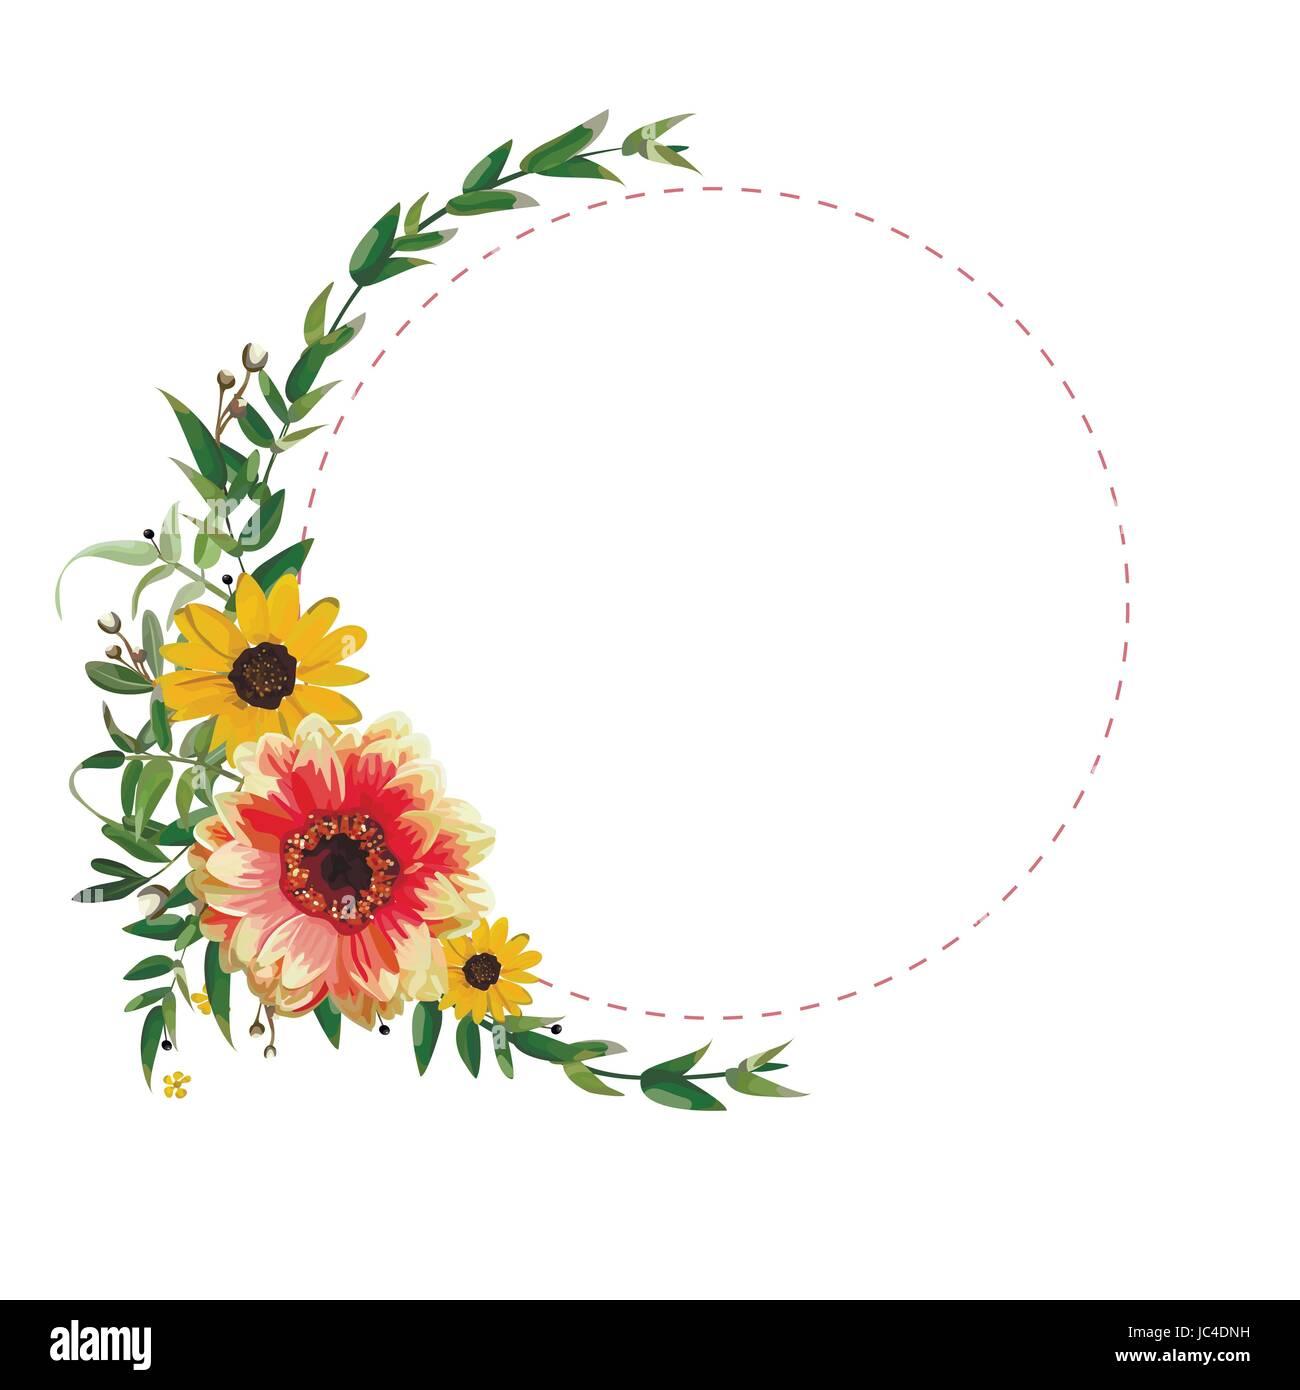 Feuille D Eucalyptus Bouquet cercle fleur fleurs couronne ronde orange jaune tournesol